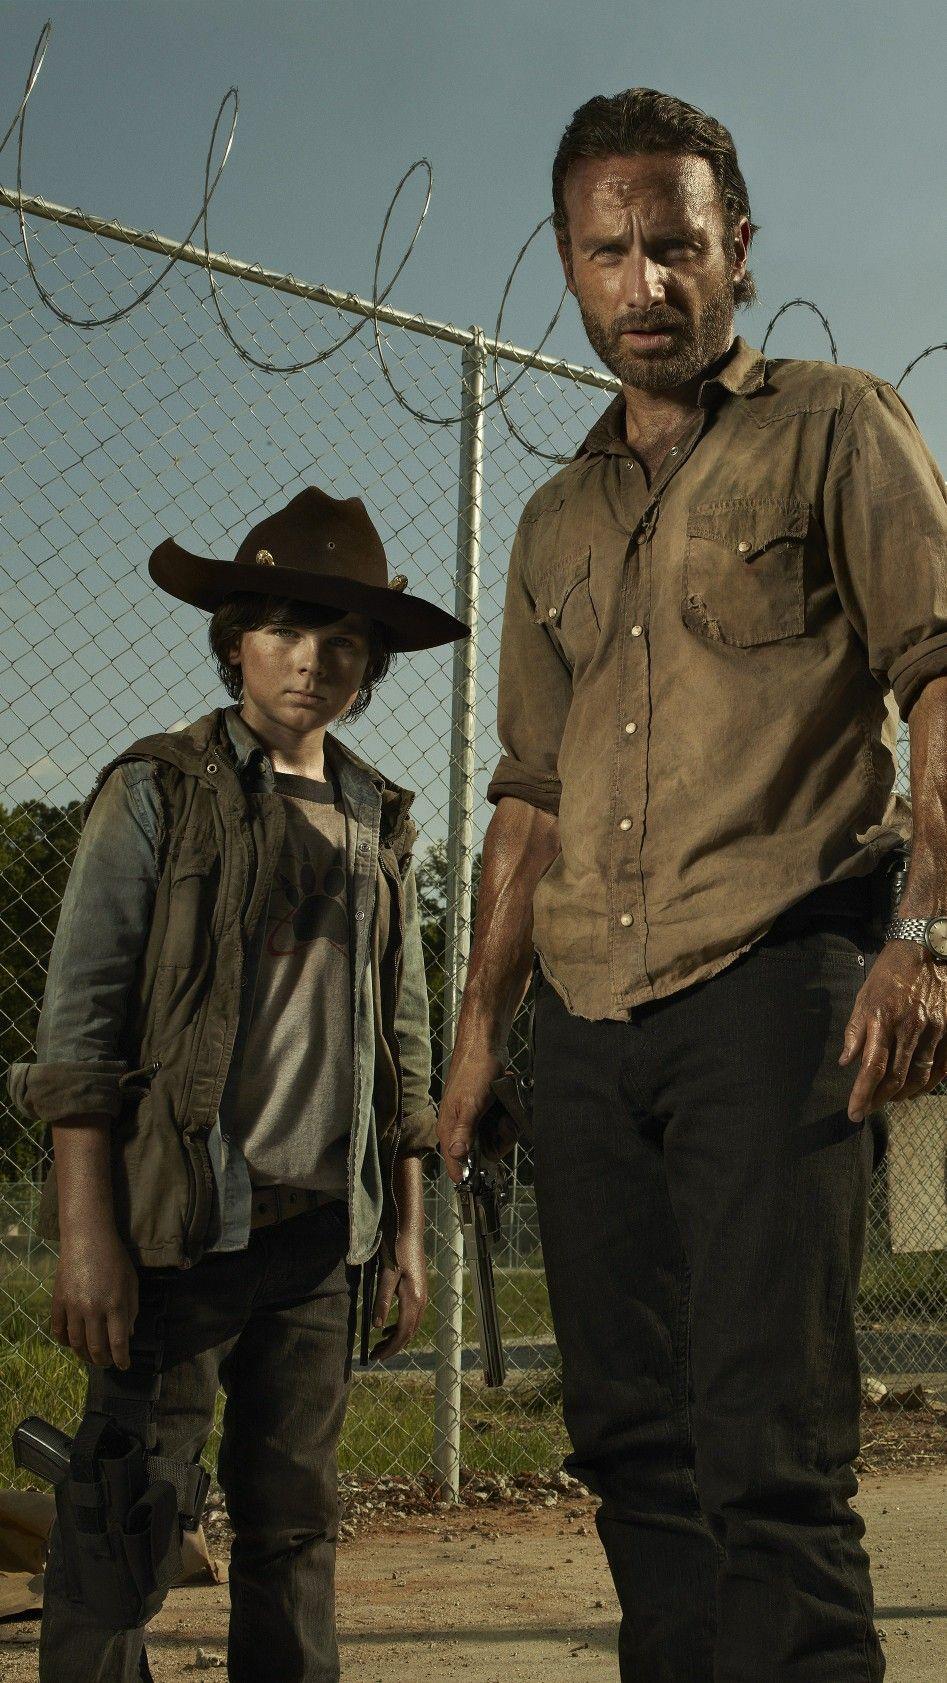 Wallpaper The Walking Dead Chandler Riggs Como Carl Grimes E